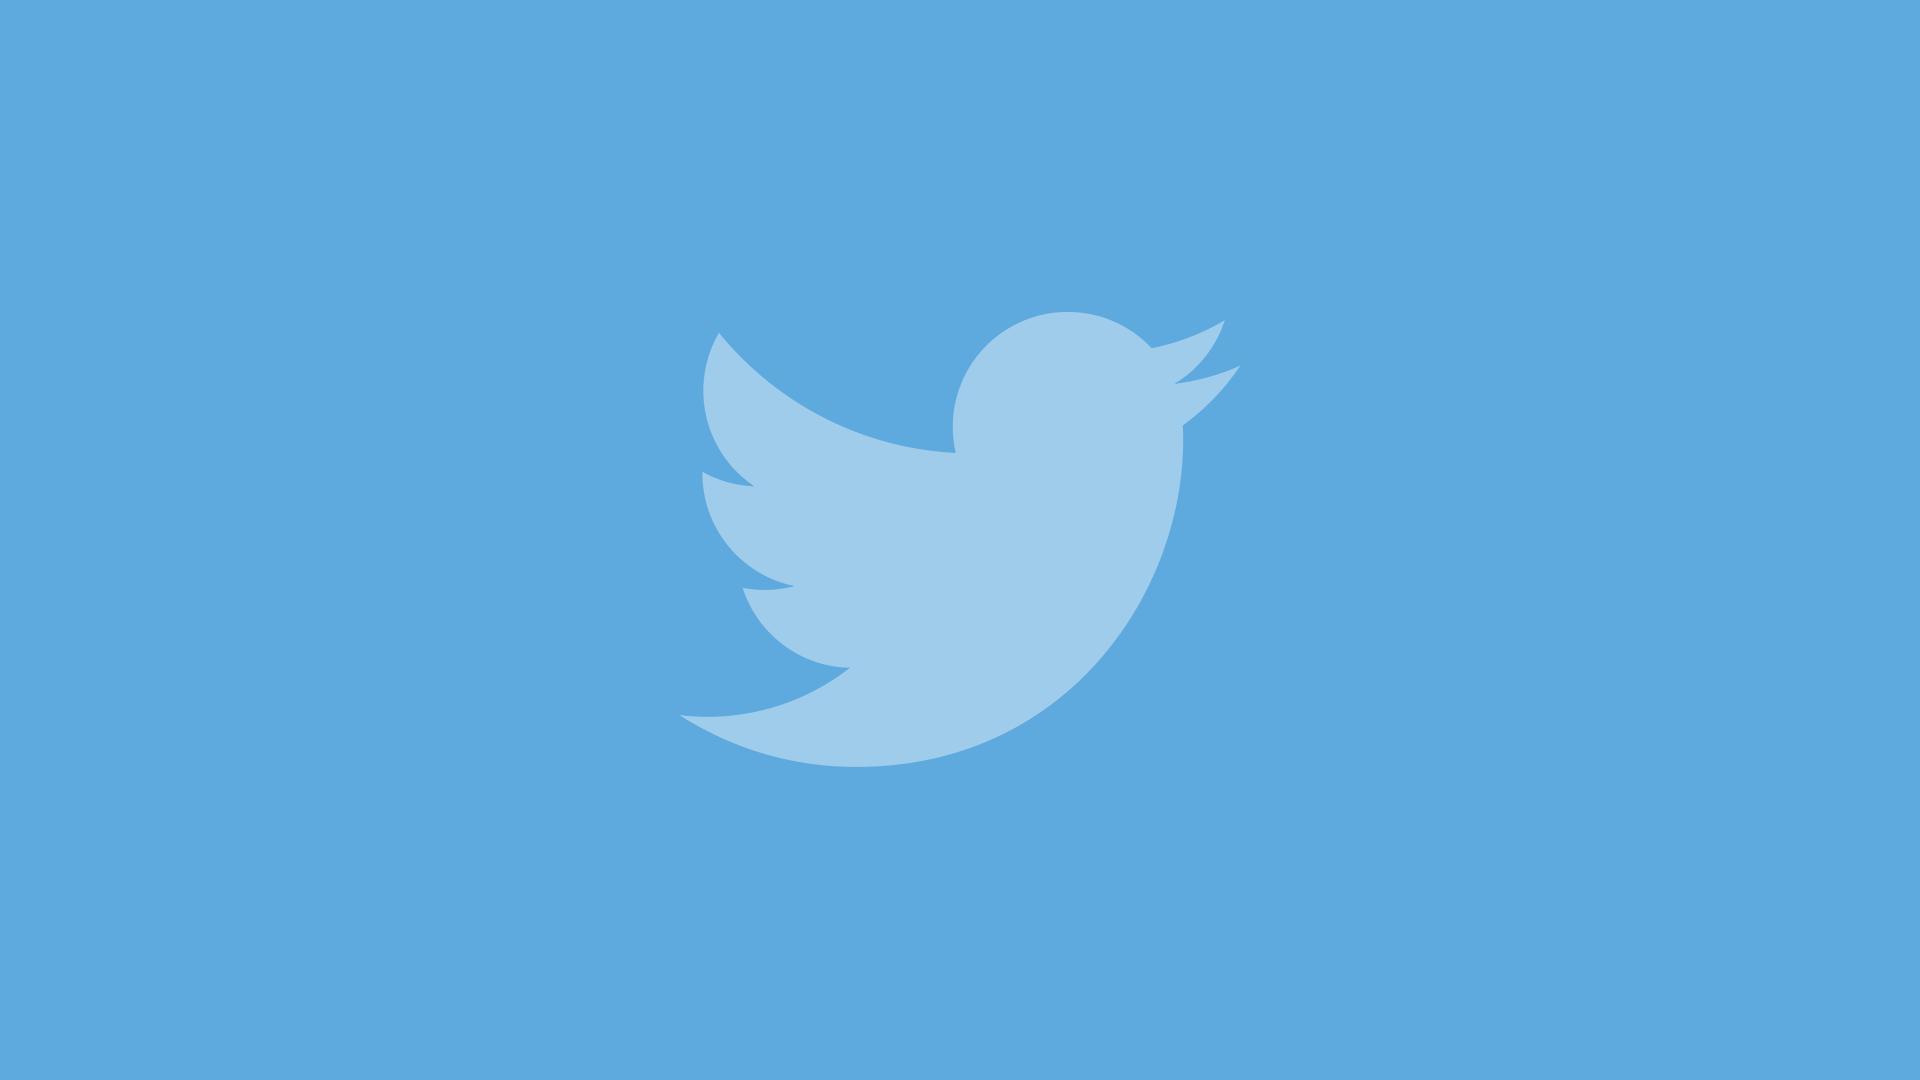 زیبایی شناسی لوگو توییتر